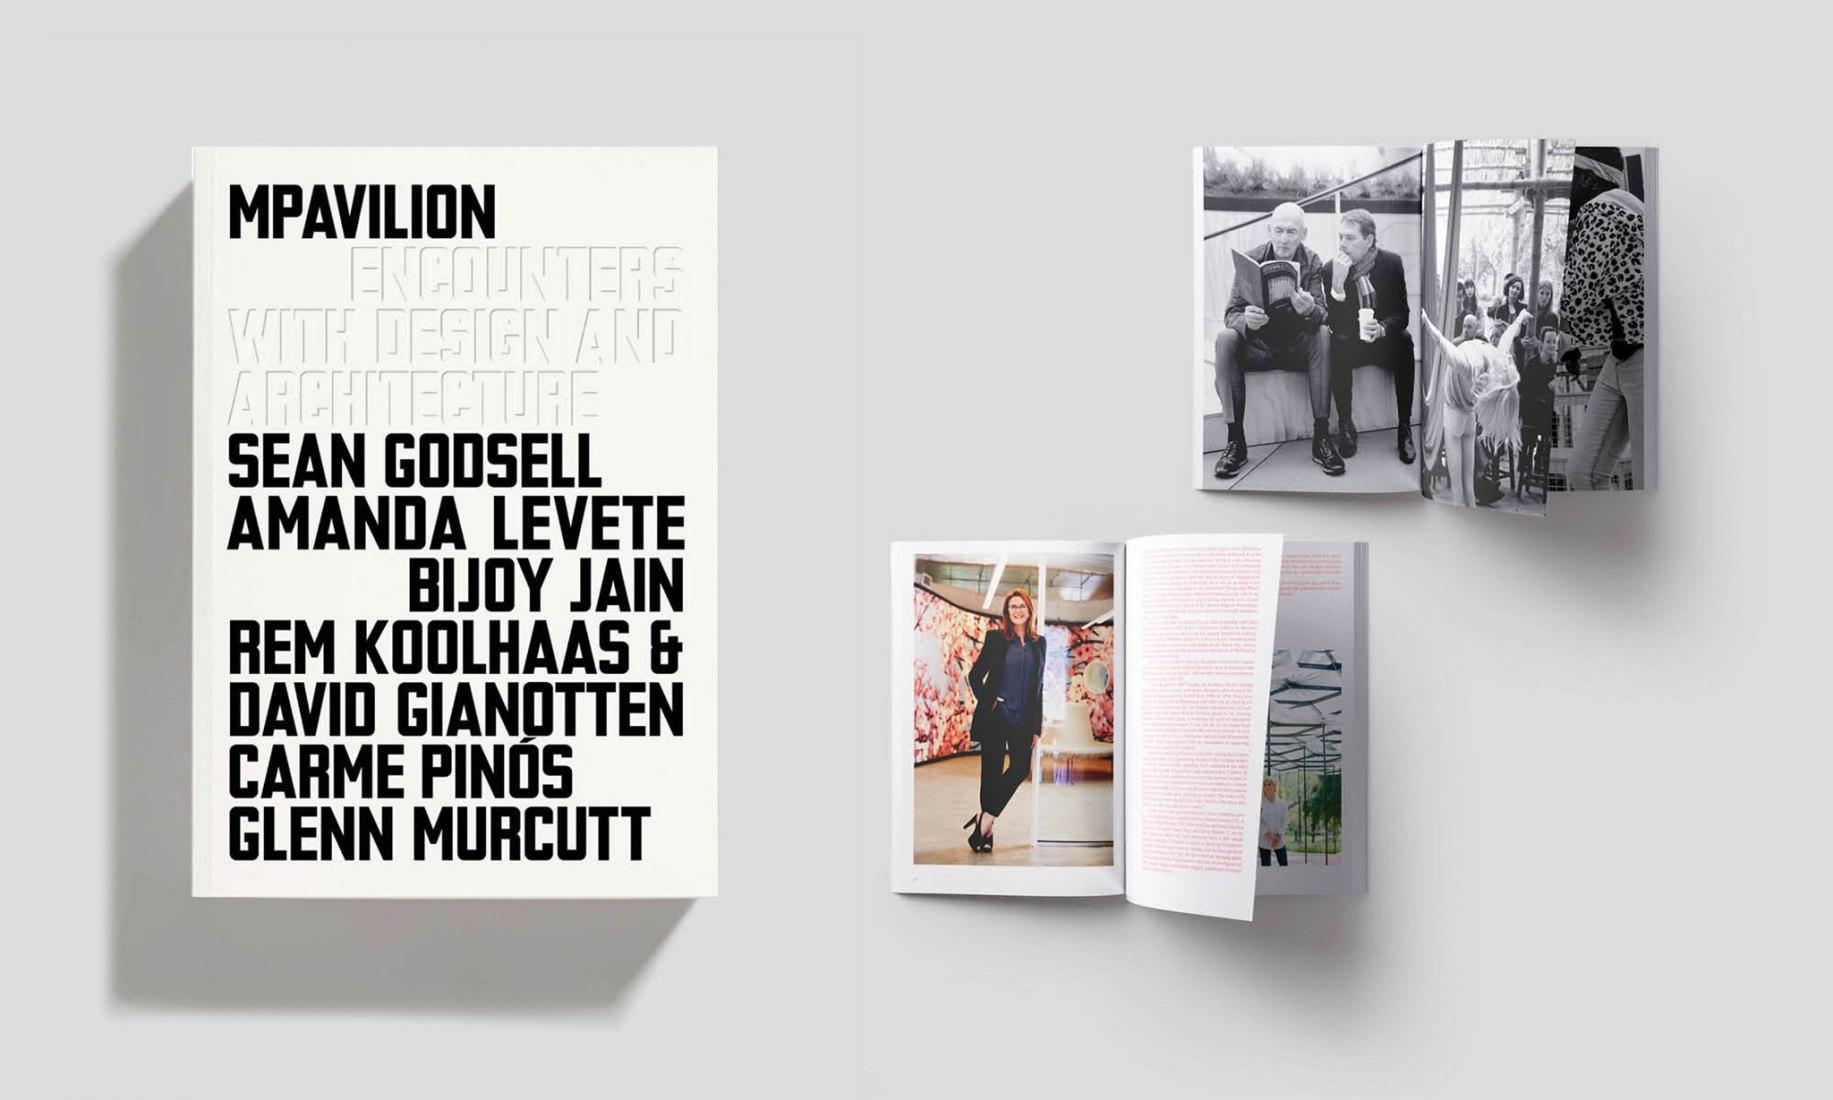 MPavilion: Encounters with Design and Architecture. Imagen cortesía de MPavilion